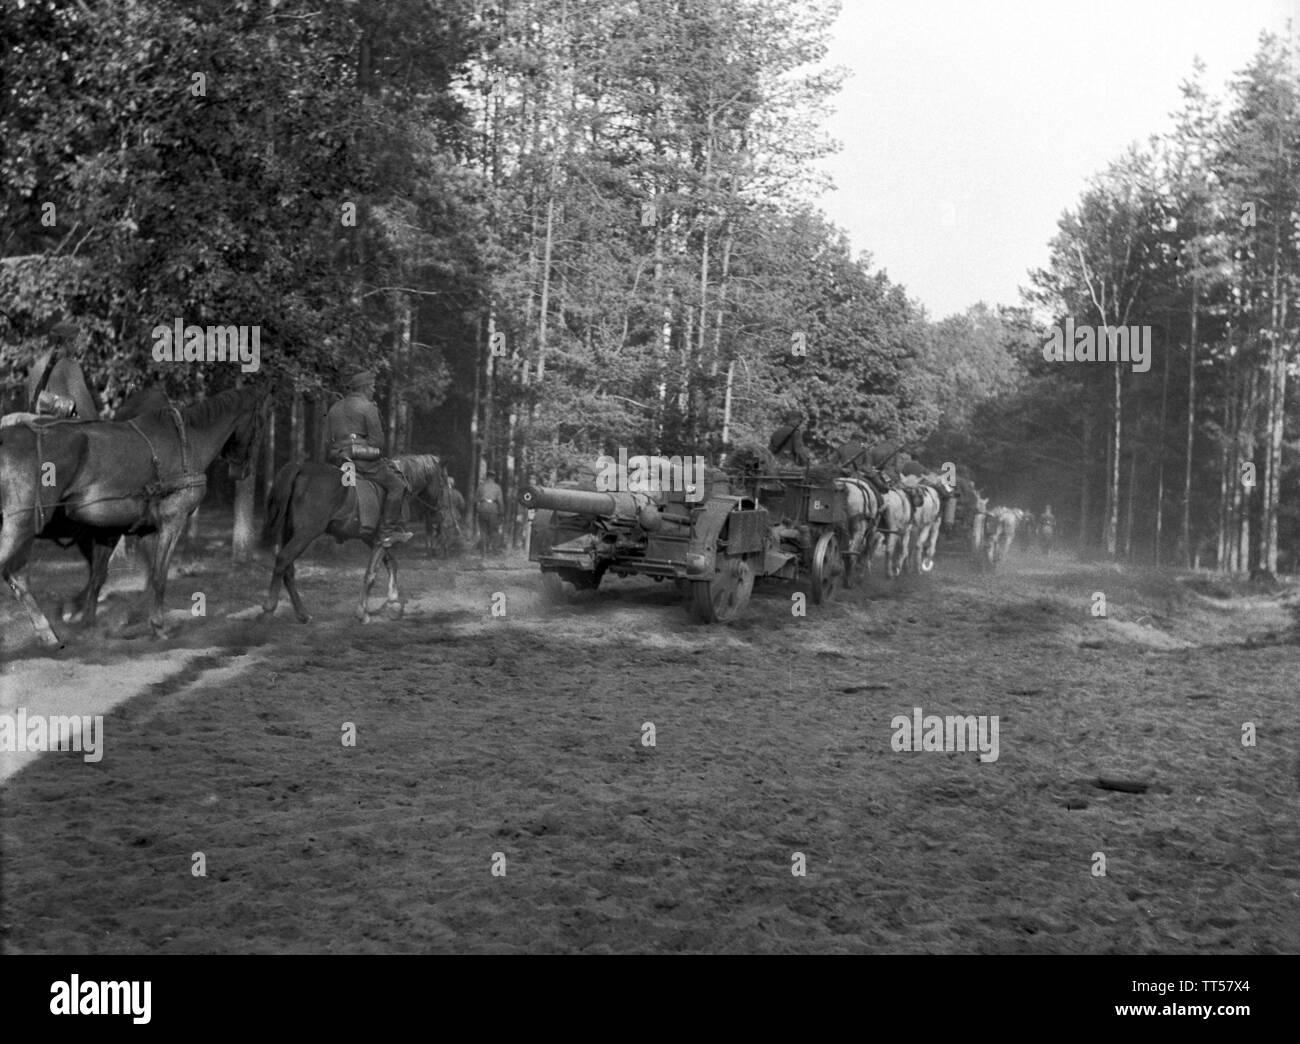 Wehrmacht Heer Feldkanone K15/16(t) K410(i) 15,2 cm Ex Tscheslowakei Autokanone M.15/16 - Esercito Tedesco cannone campo K15/16 15,2cm Ex Slovacchia ceceno M.15/16 Immagini Stock